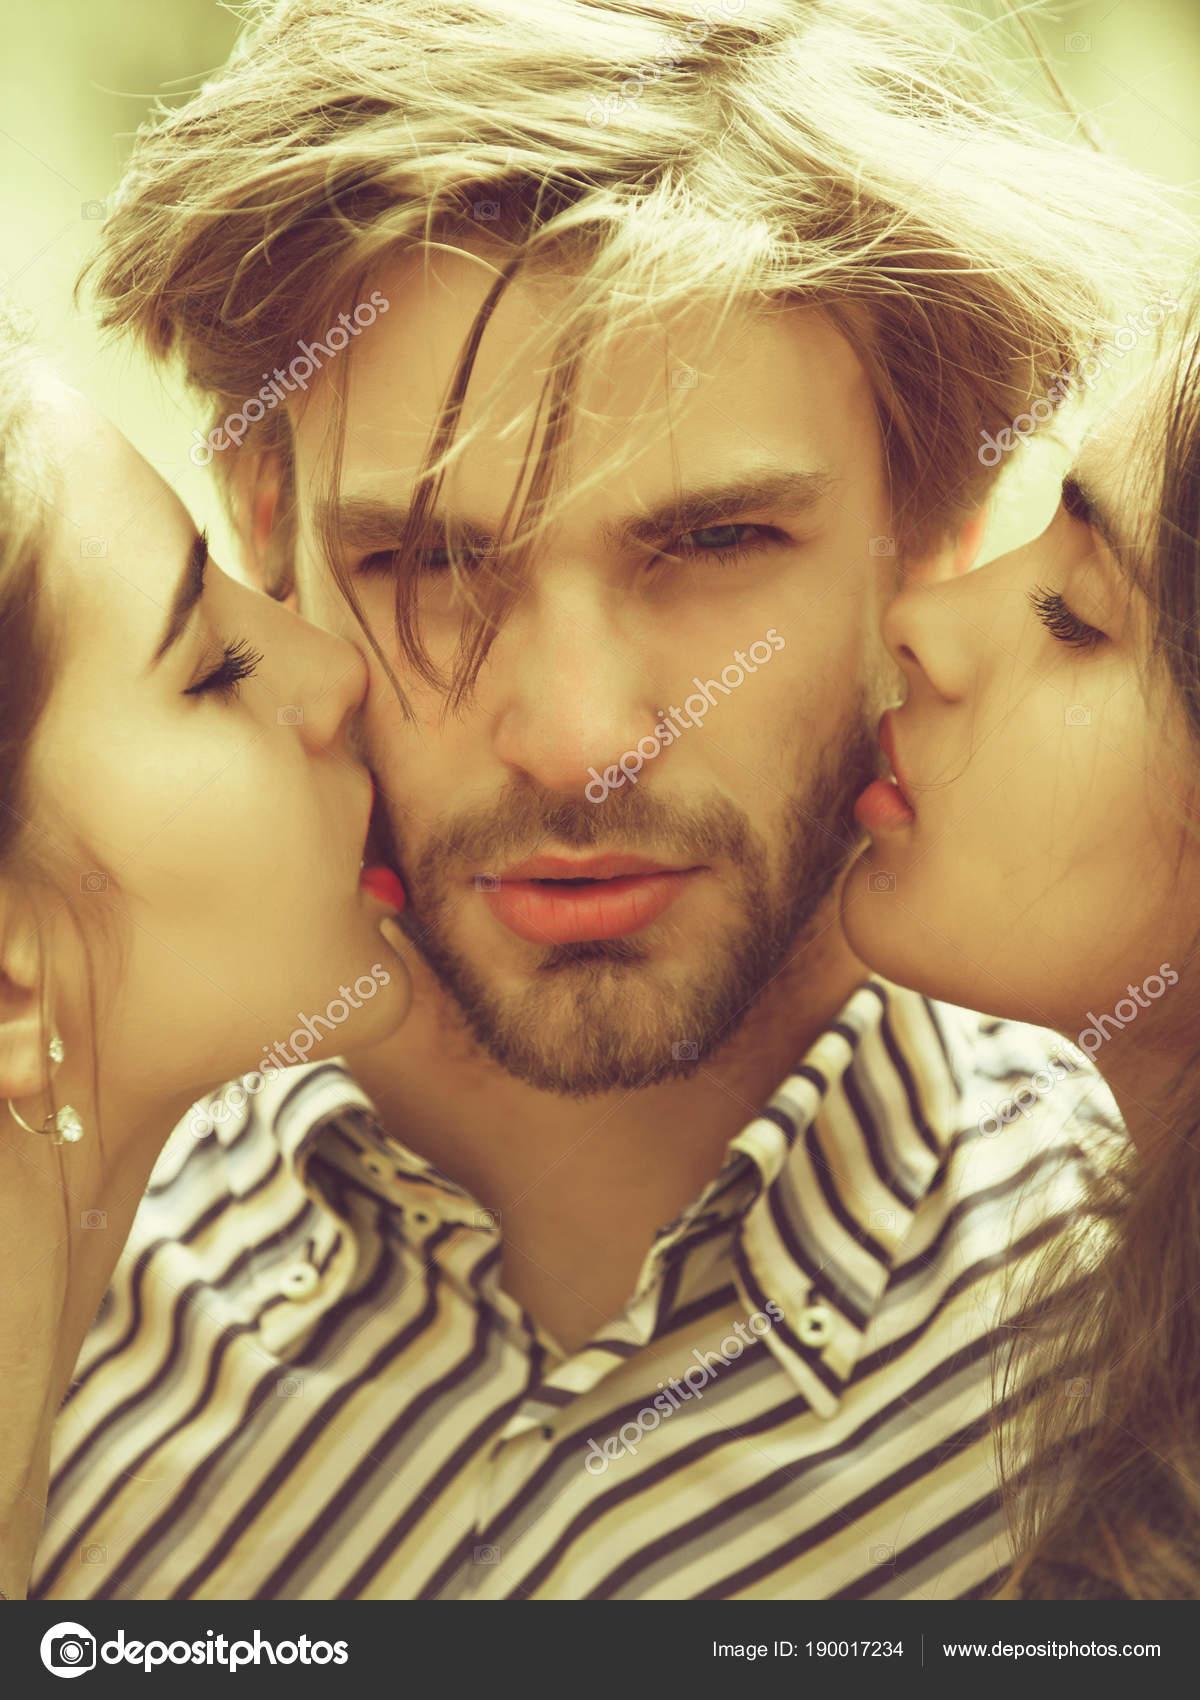 Сексуальный поцелуй двух девушек